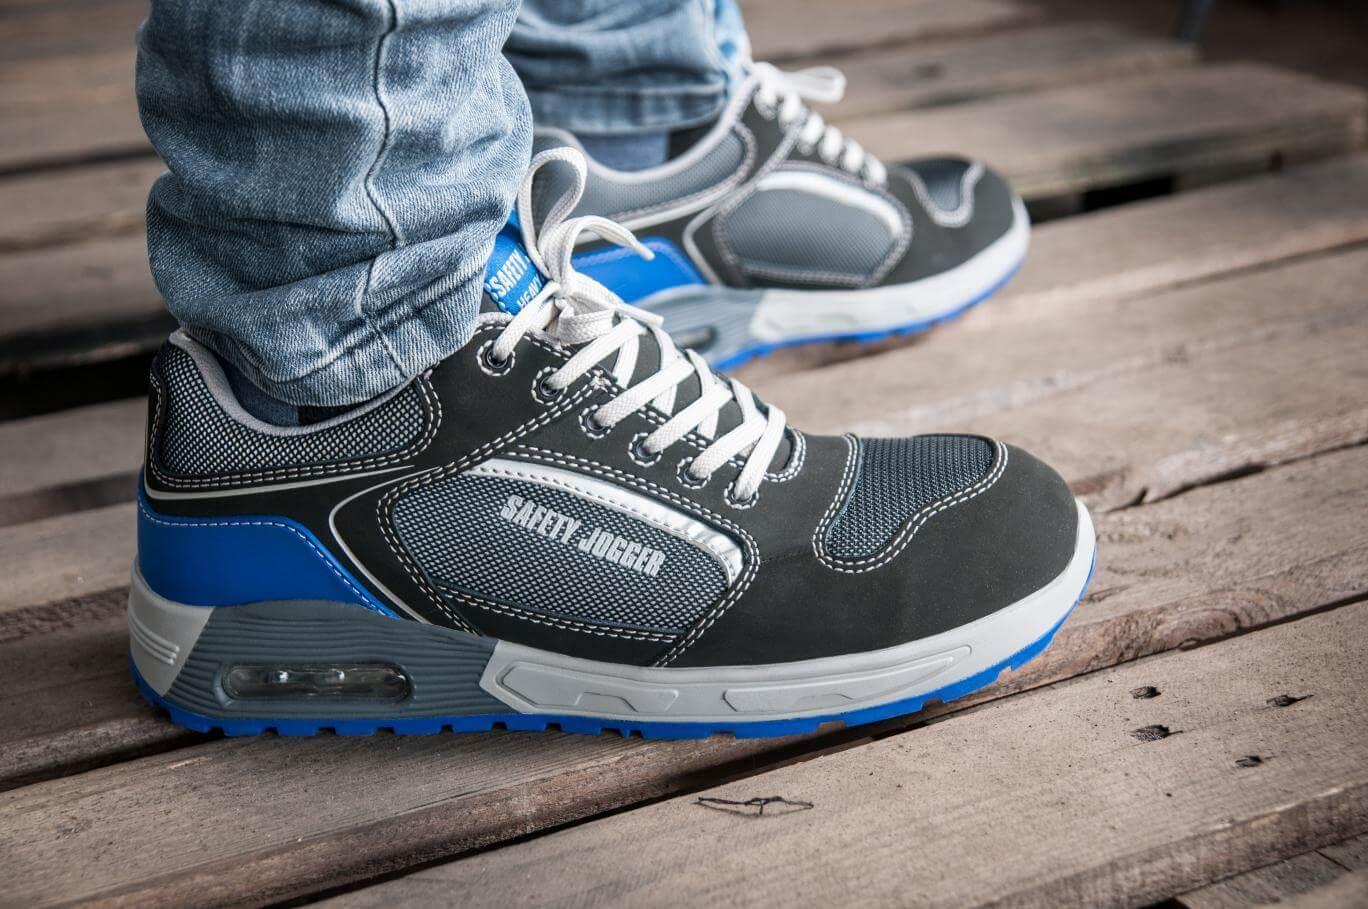 Giày bảo hộ - sản phẩm không thể thiếu của người lao động